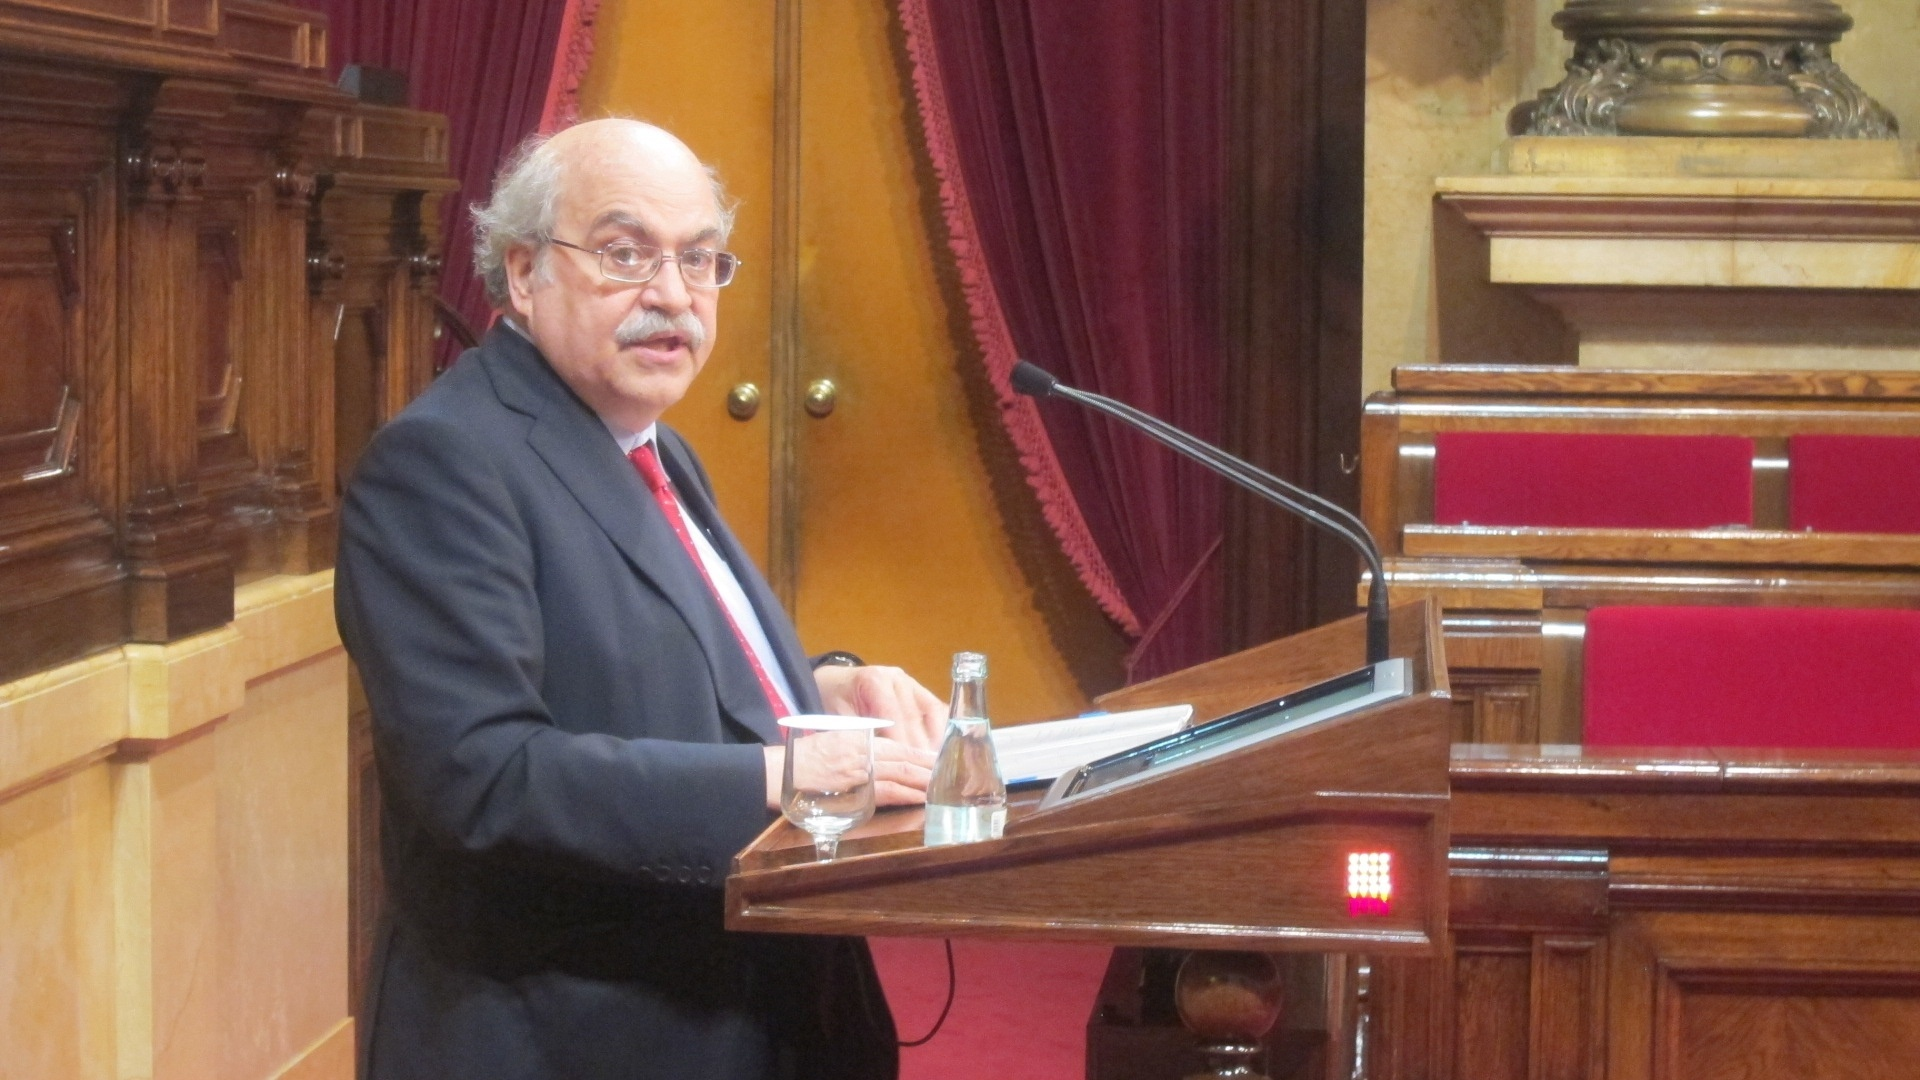 El Gobierno catalán detallará este jueves el recorte de 2.000 millones de euros de la prórroga presupuestaria